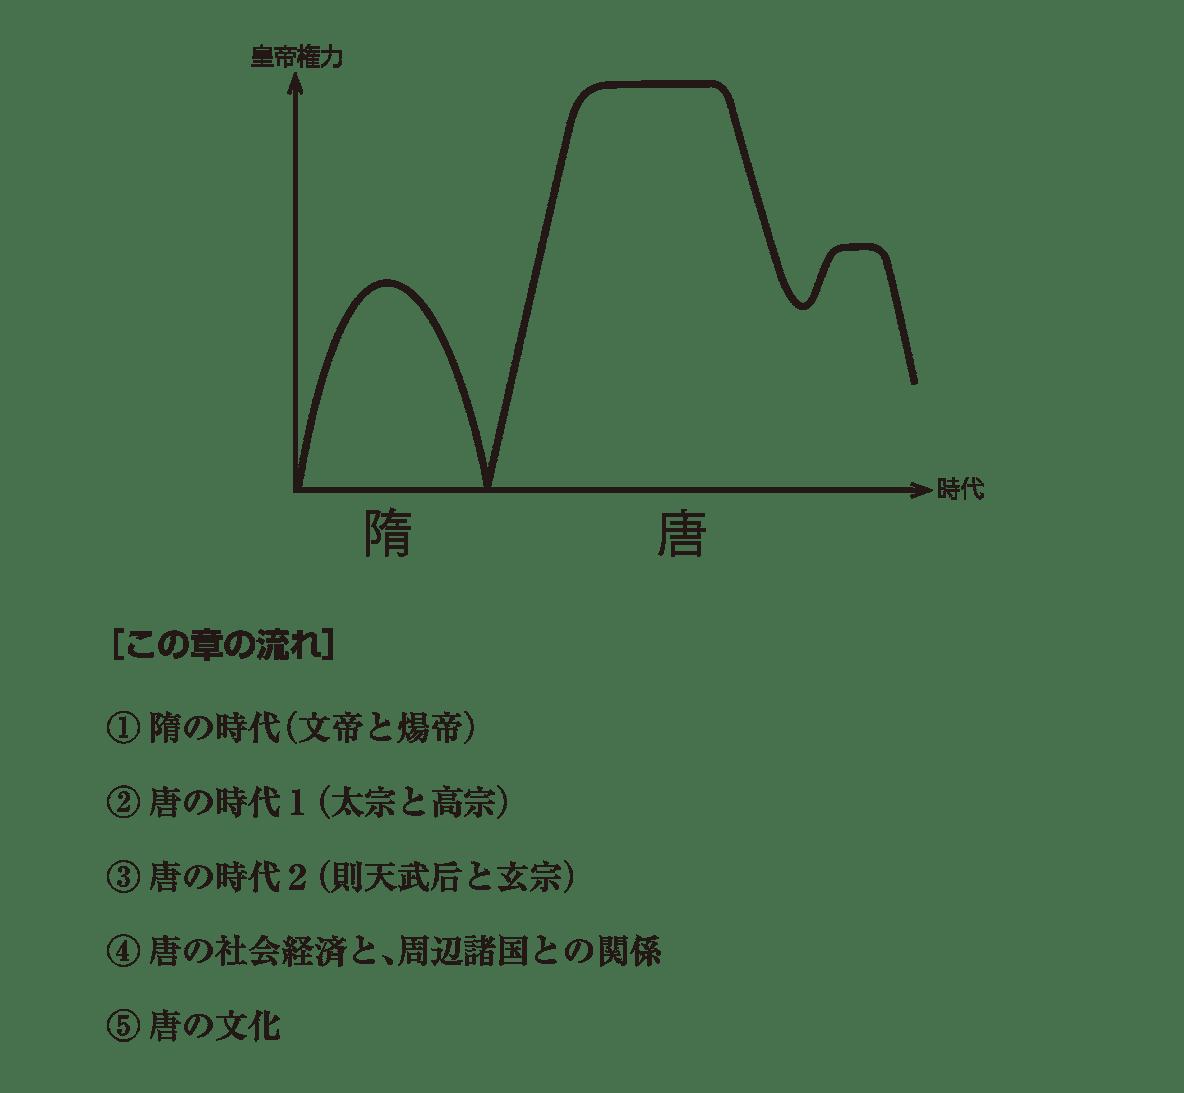 高校世界史 東アジア文明圏の形成0/右ページの図+下部テキスト